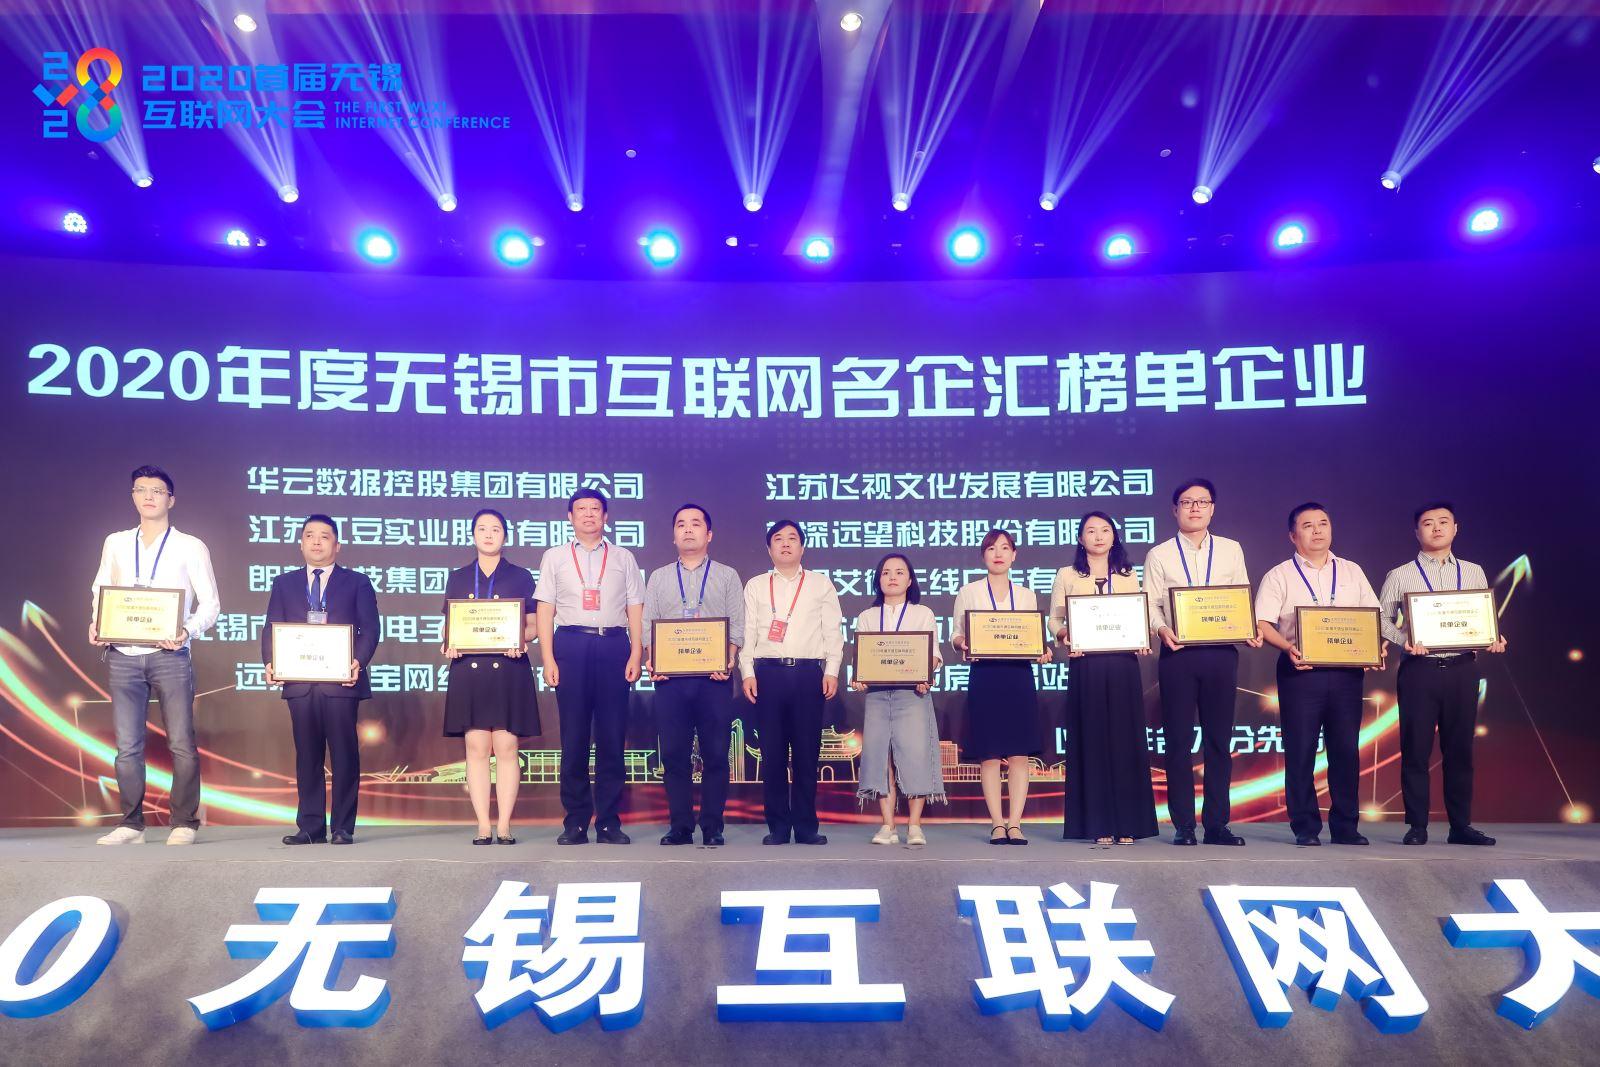 投资人、买卖宝运营部总监助理陈洁(左起第7位)上台领奖